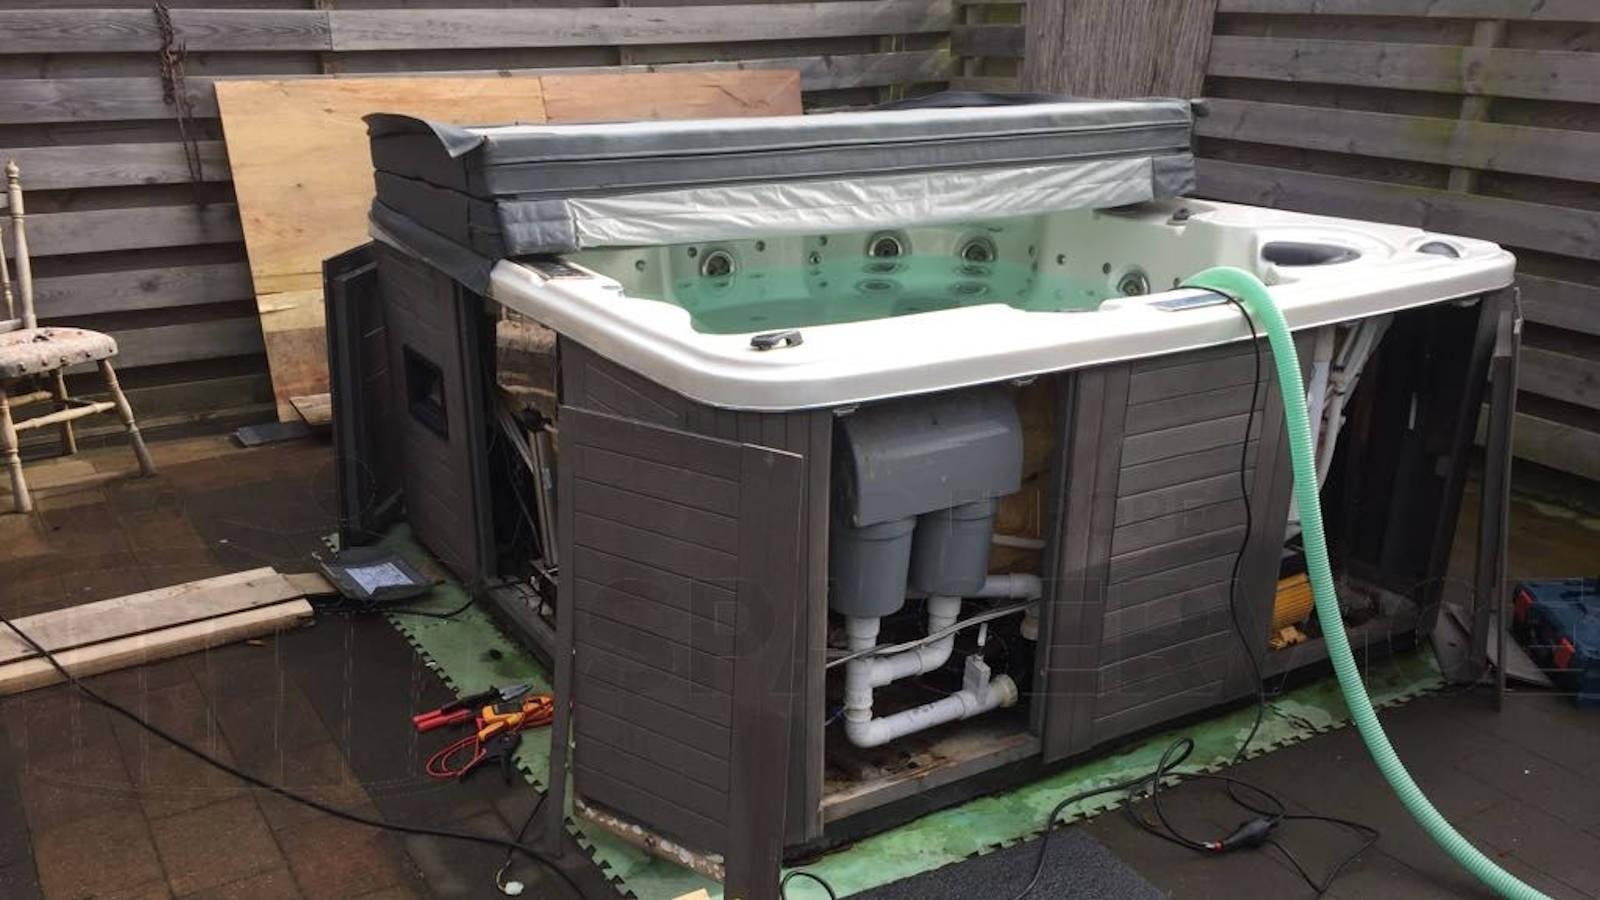 Lekkage verholpen en ozonator vervangen van een Chinese spa in Slijk-Ewijk